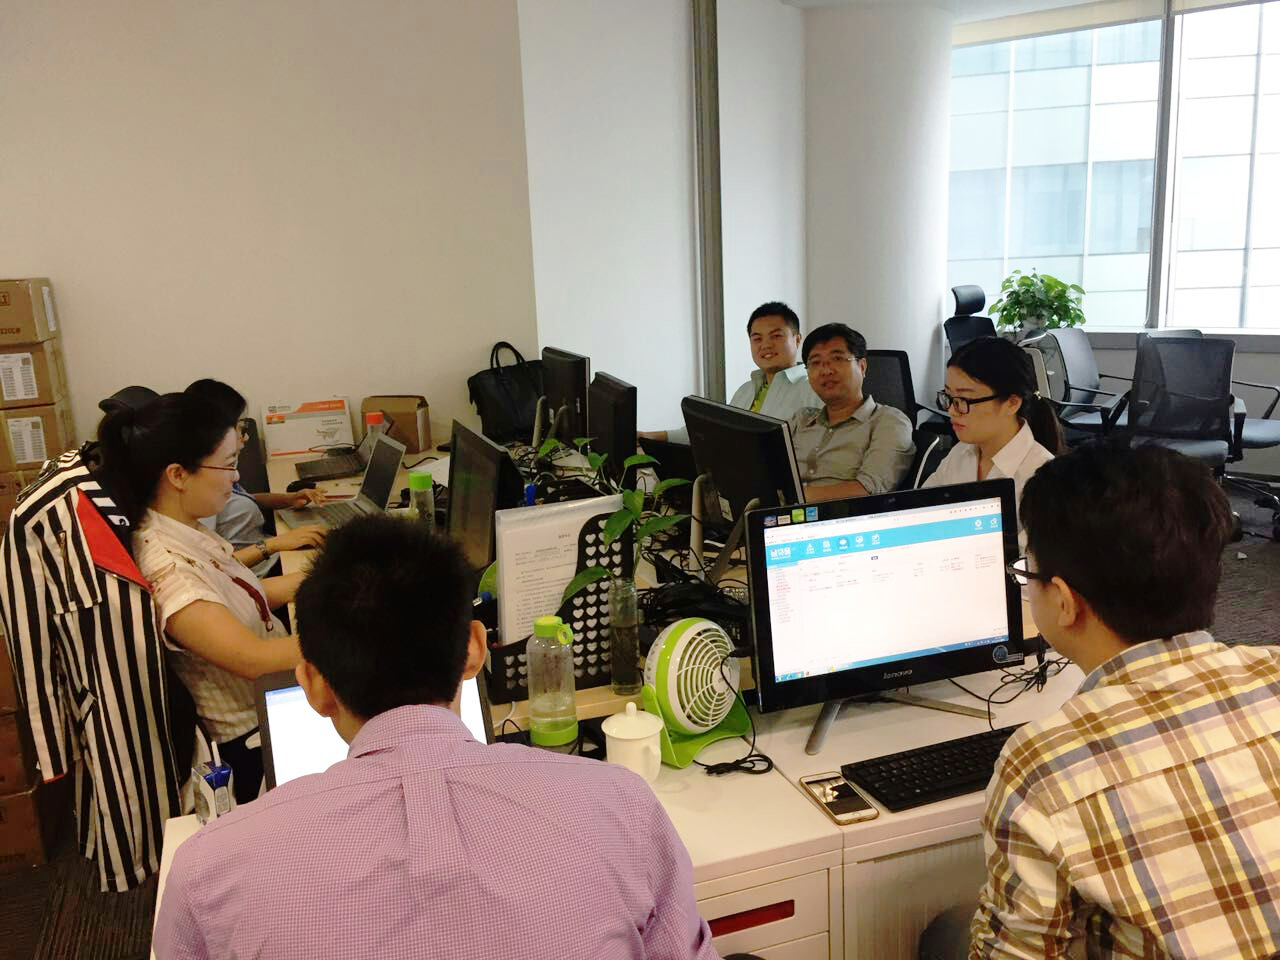 仁润副总叶振华与天眼创始人侯滨带队主持微贷网UAT测试